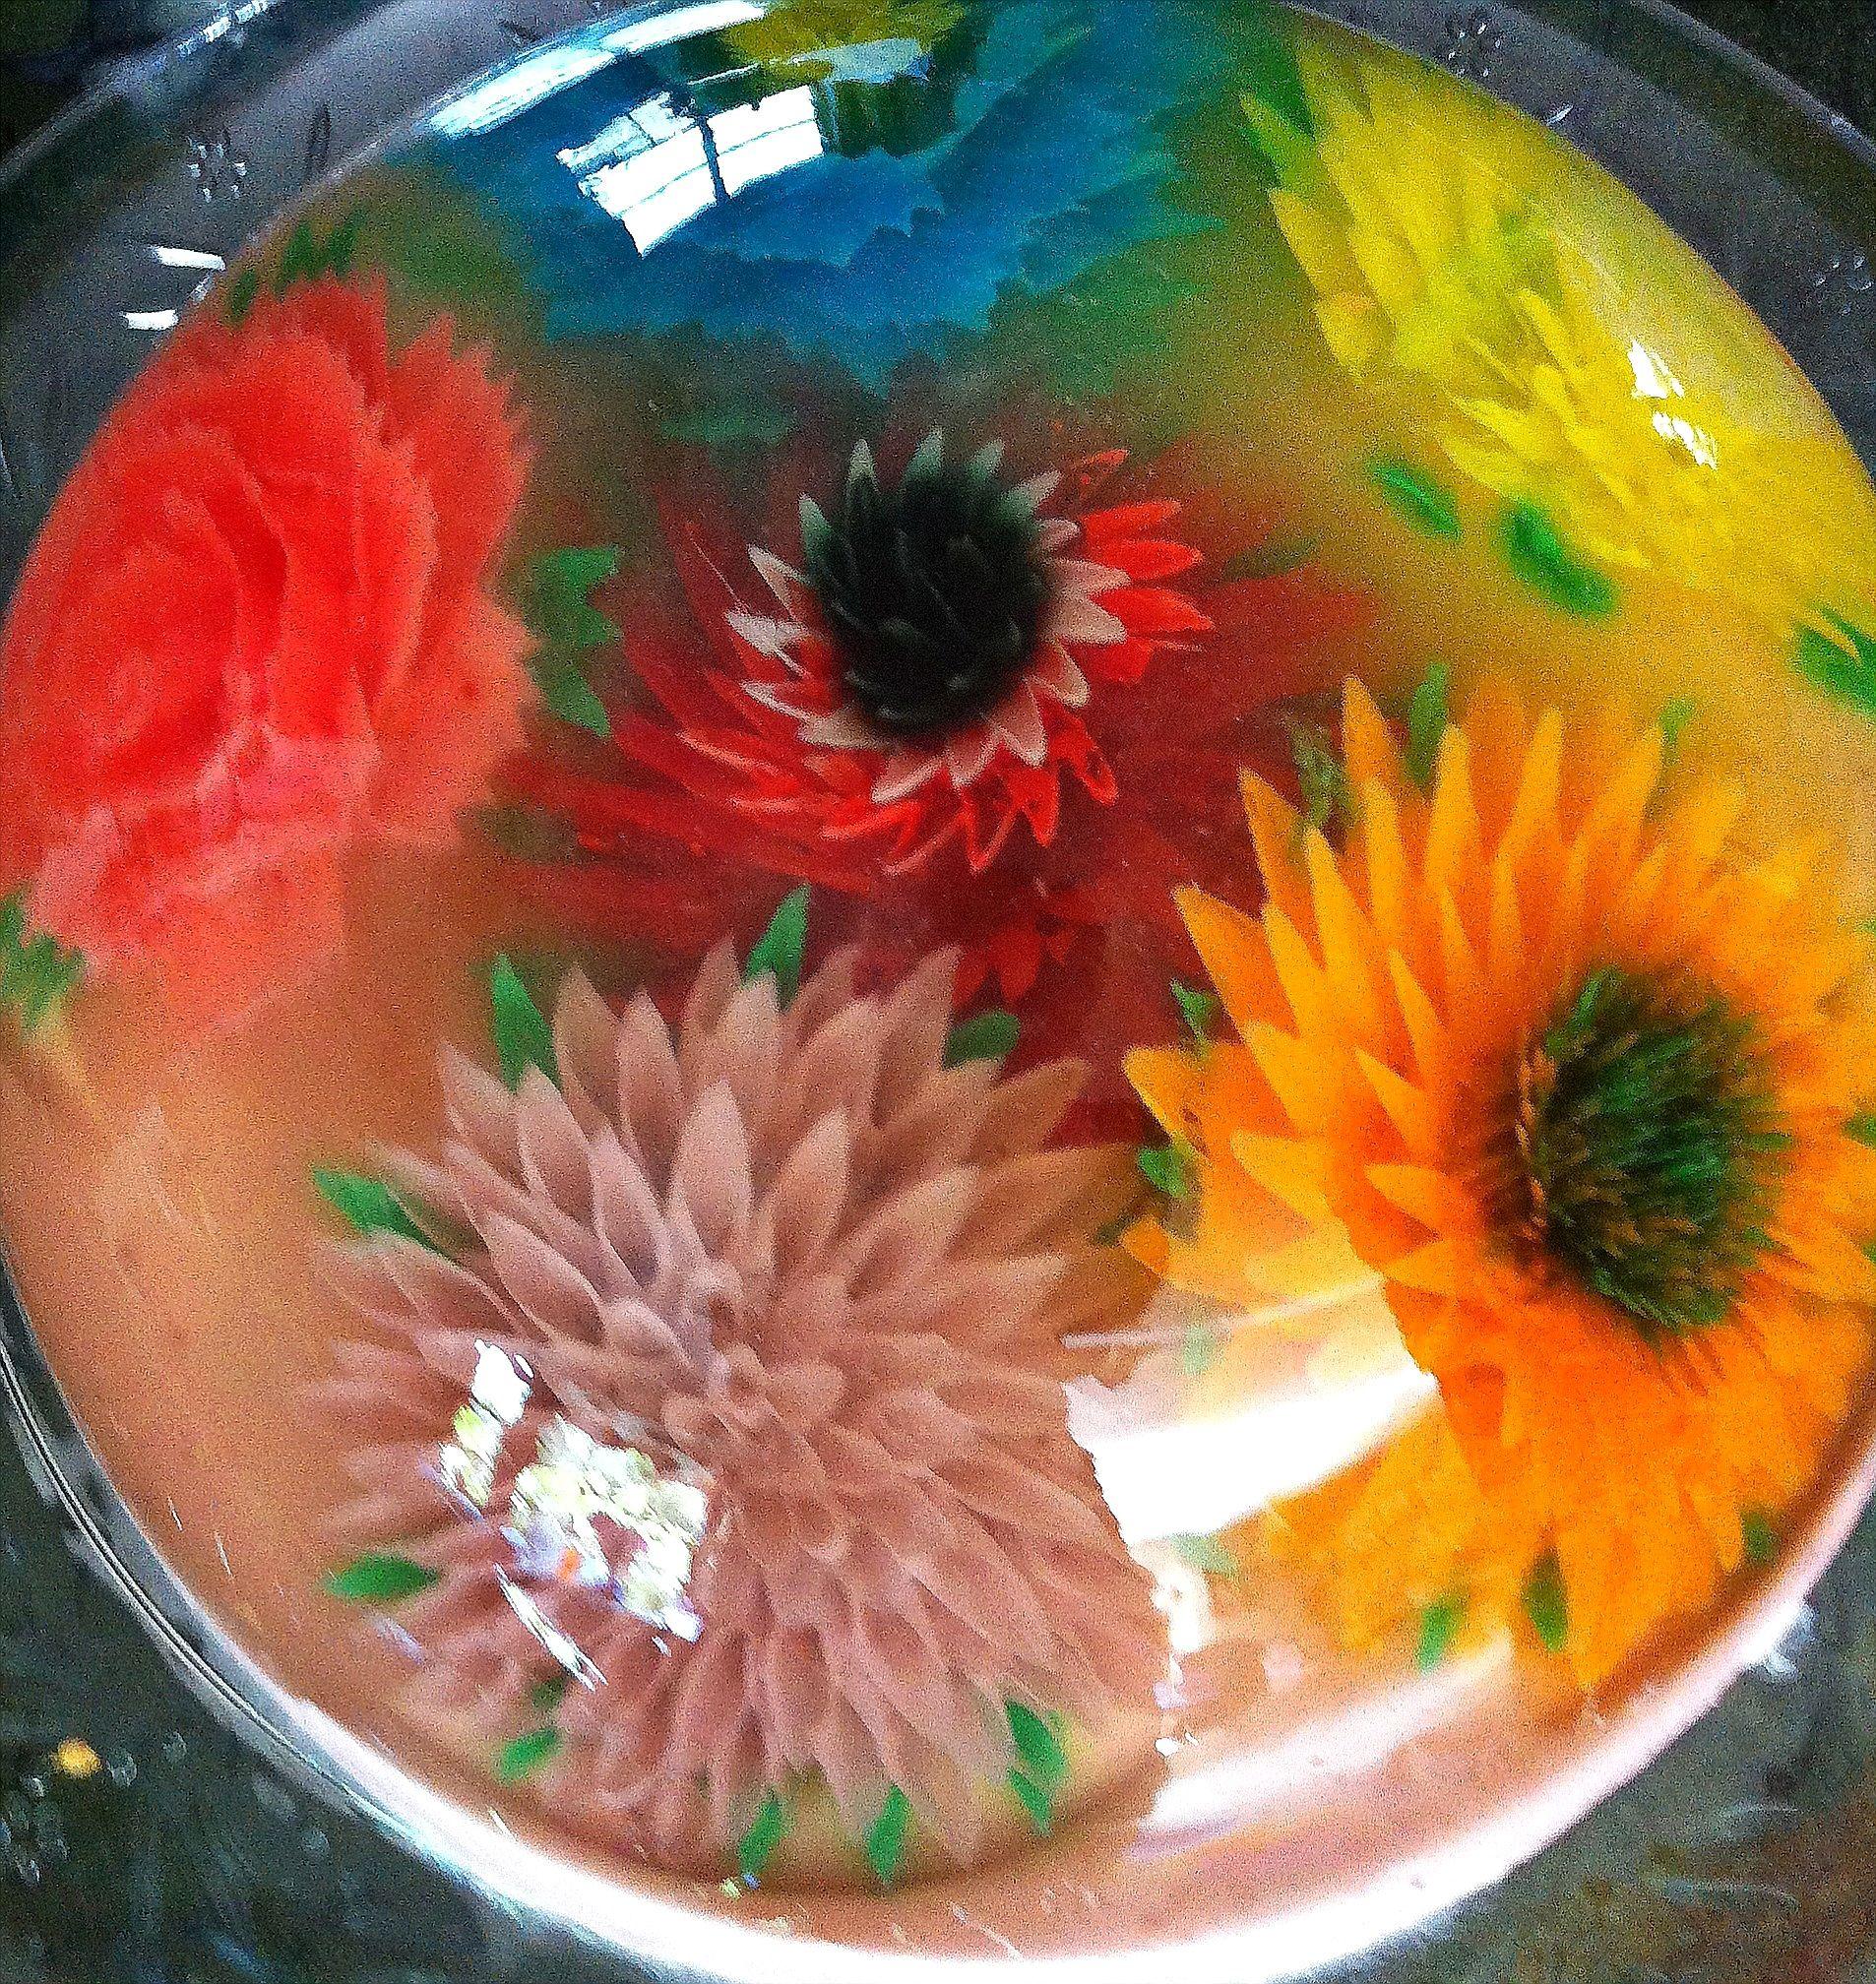 Gelatin Cake Art : Gelatin art by www.artdegelatin.com Cakes, cupcakes ...